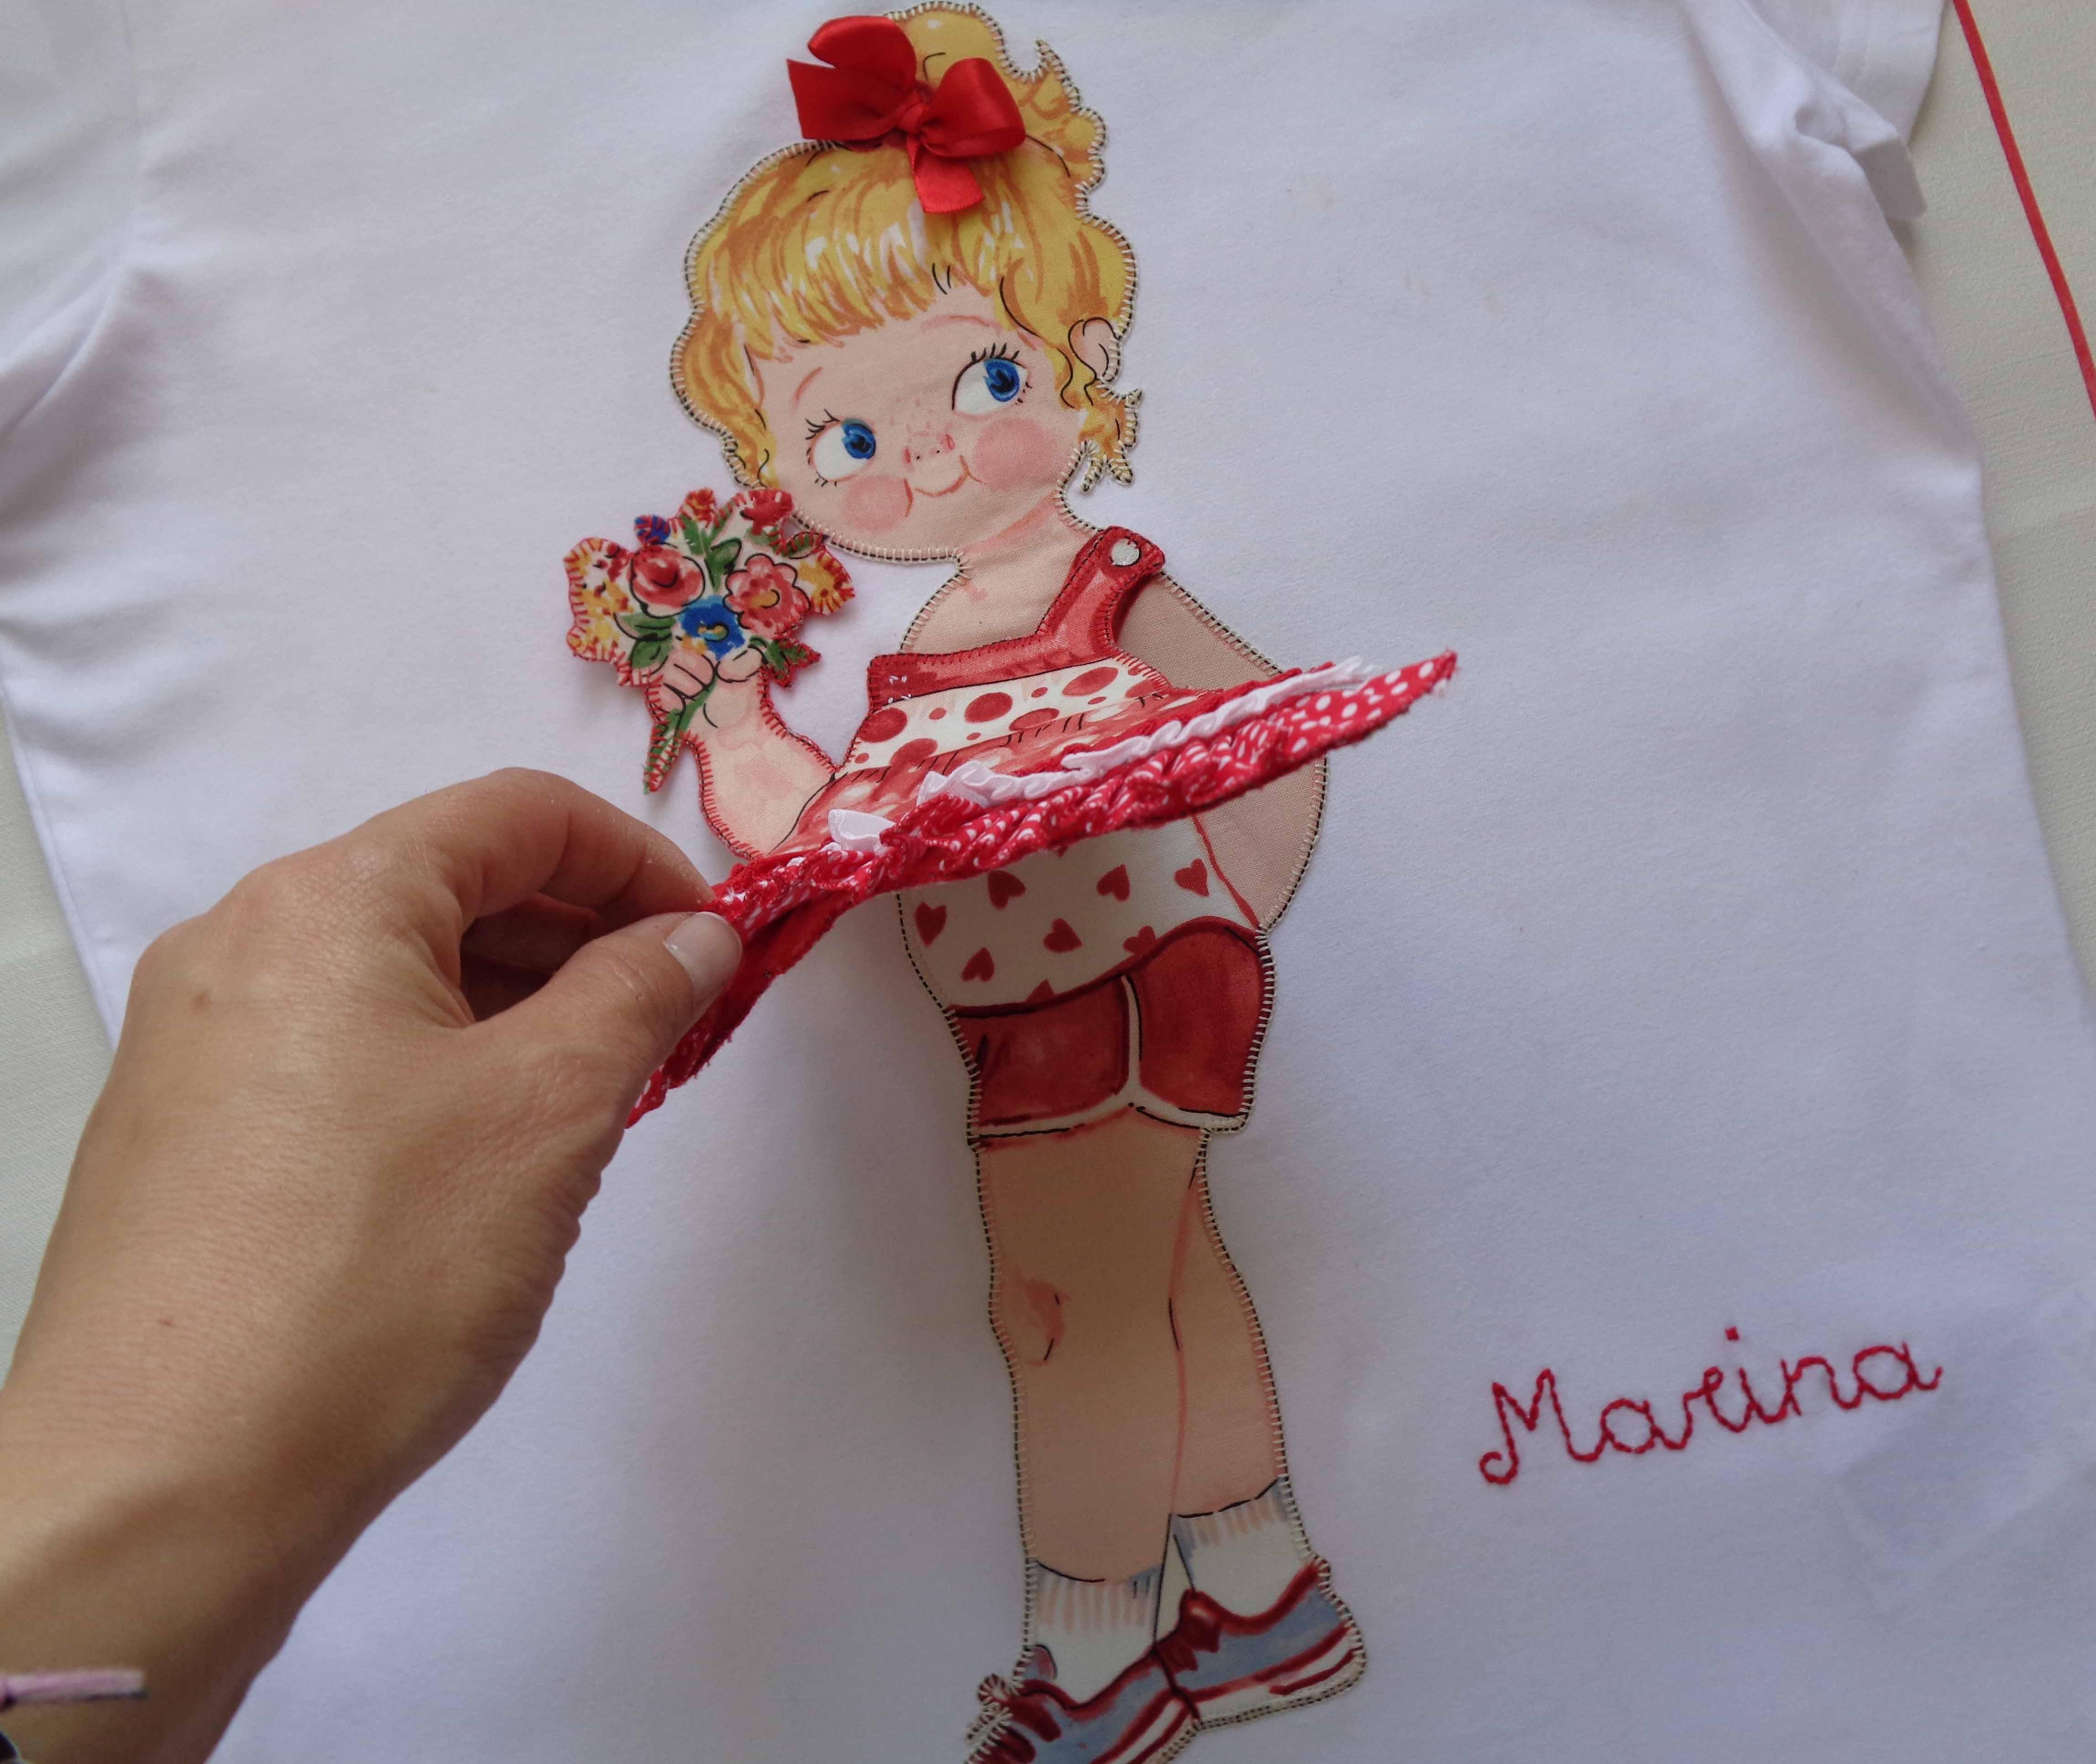 Camiseta muñeca con vestido de volantes. Marina 2